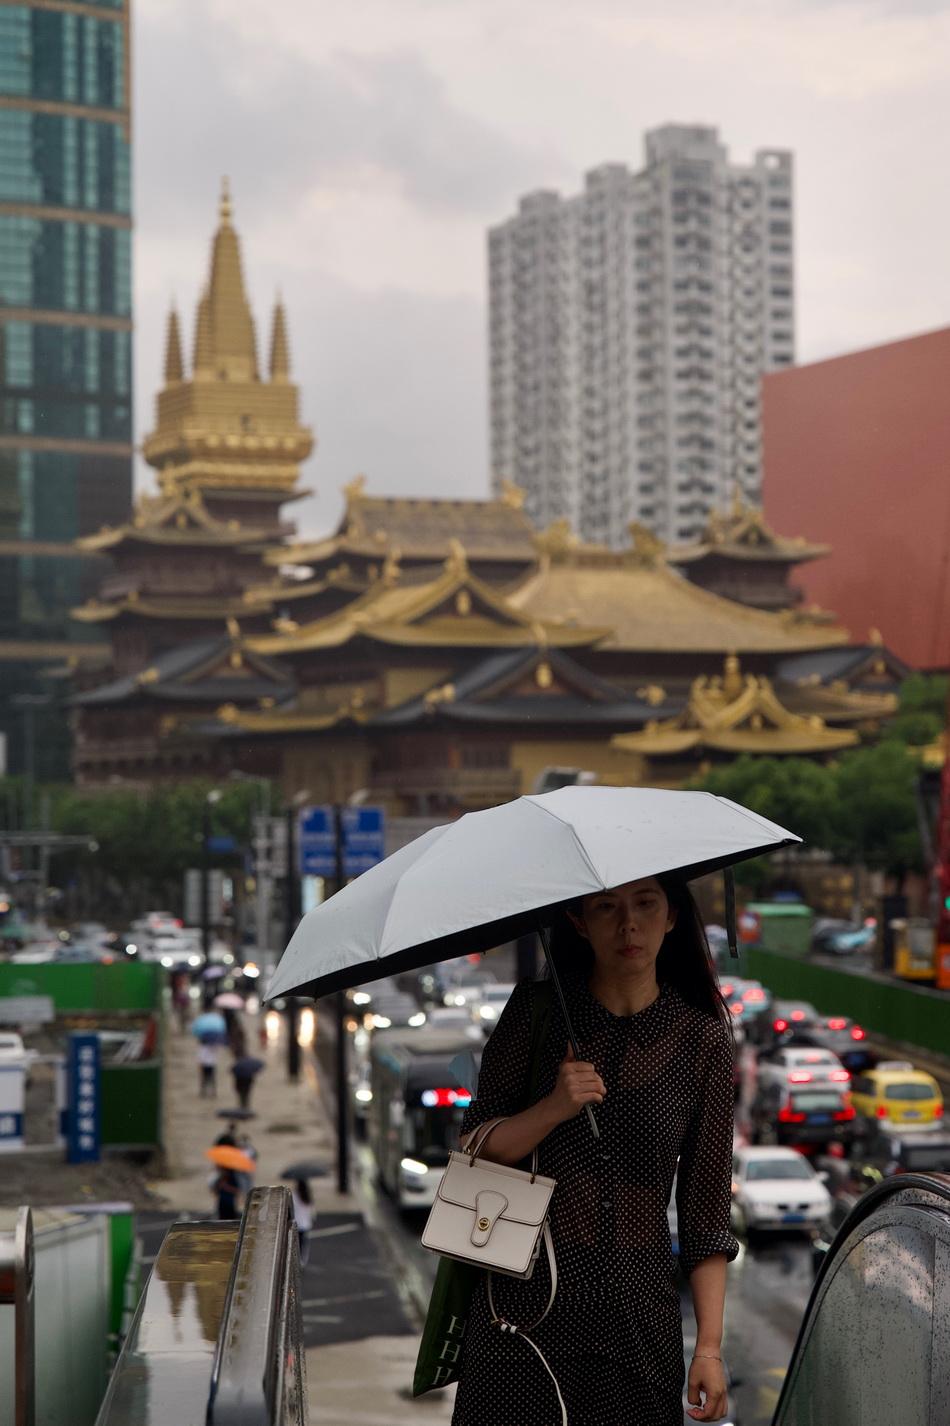 2021年9月10日,上海延安中路华山路,行人撑伞步入天桥搭乘公共交通,雨天让地面交通变得拥堵。